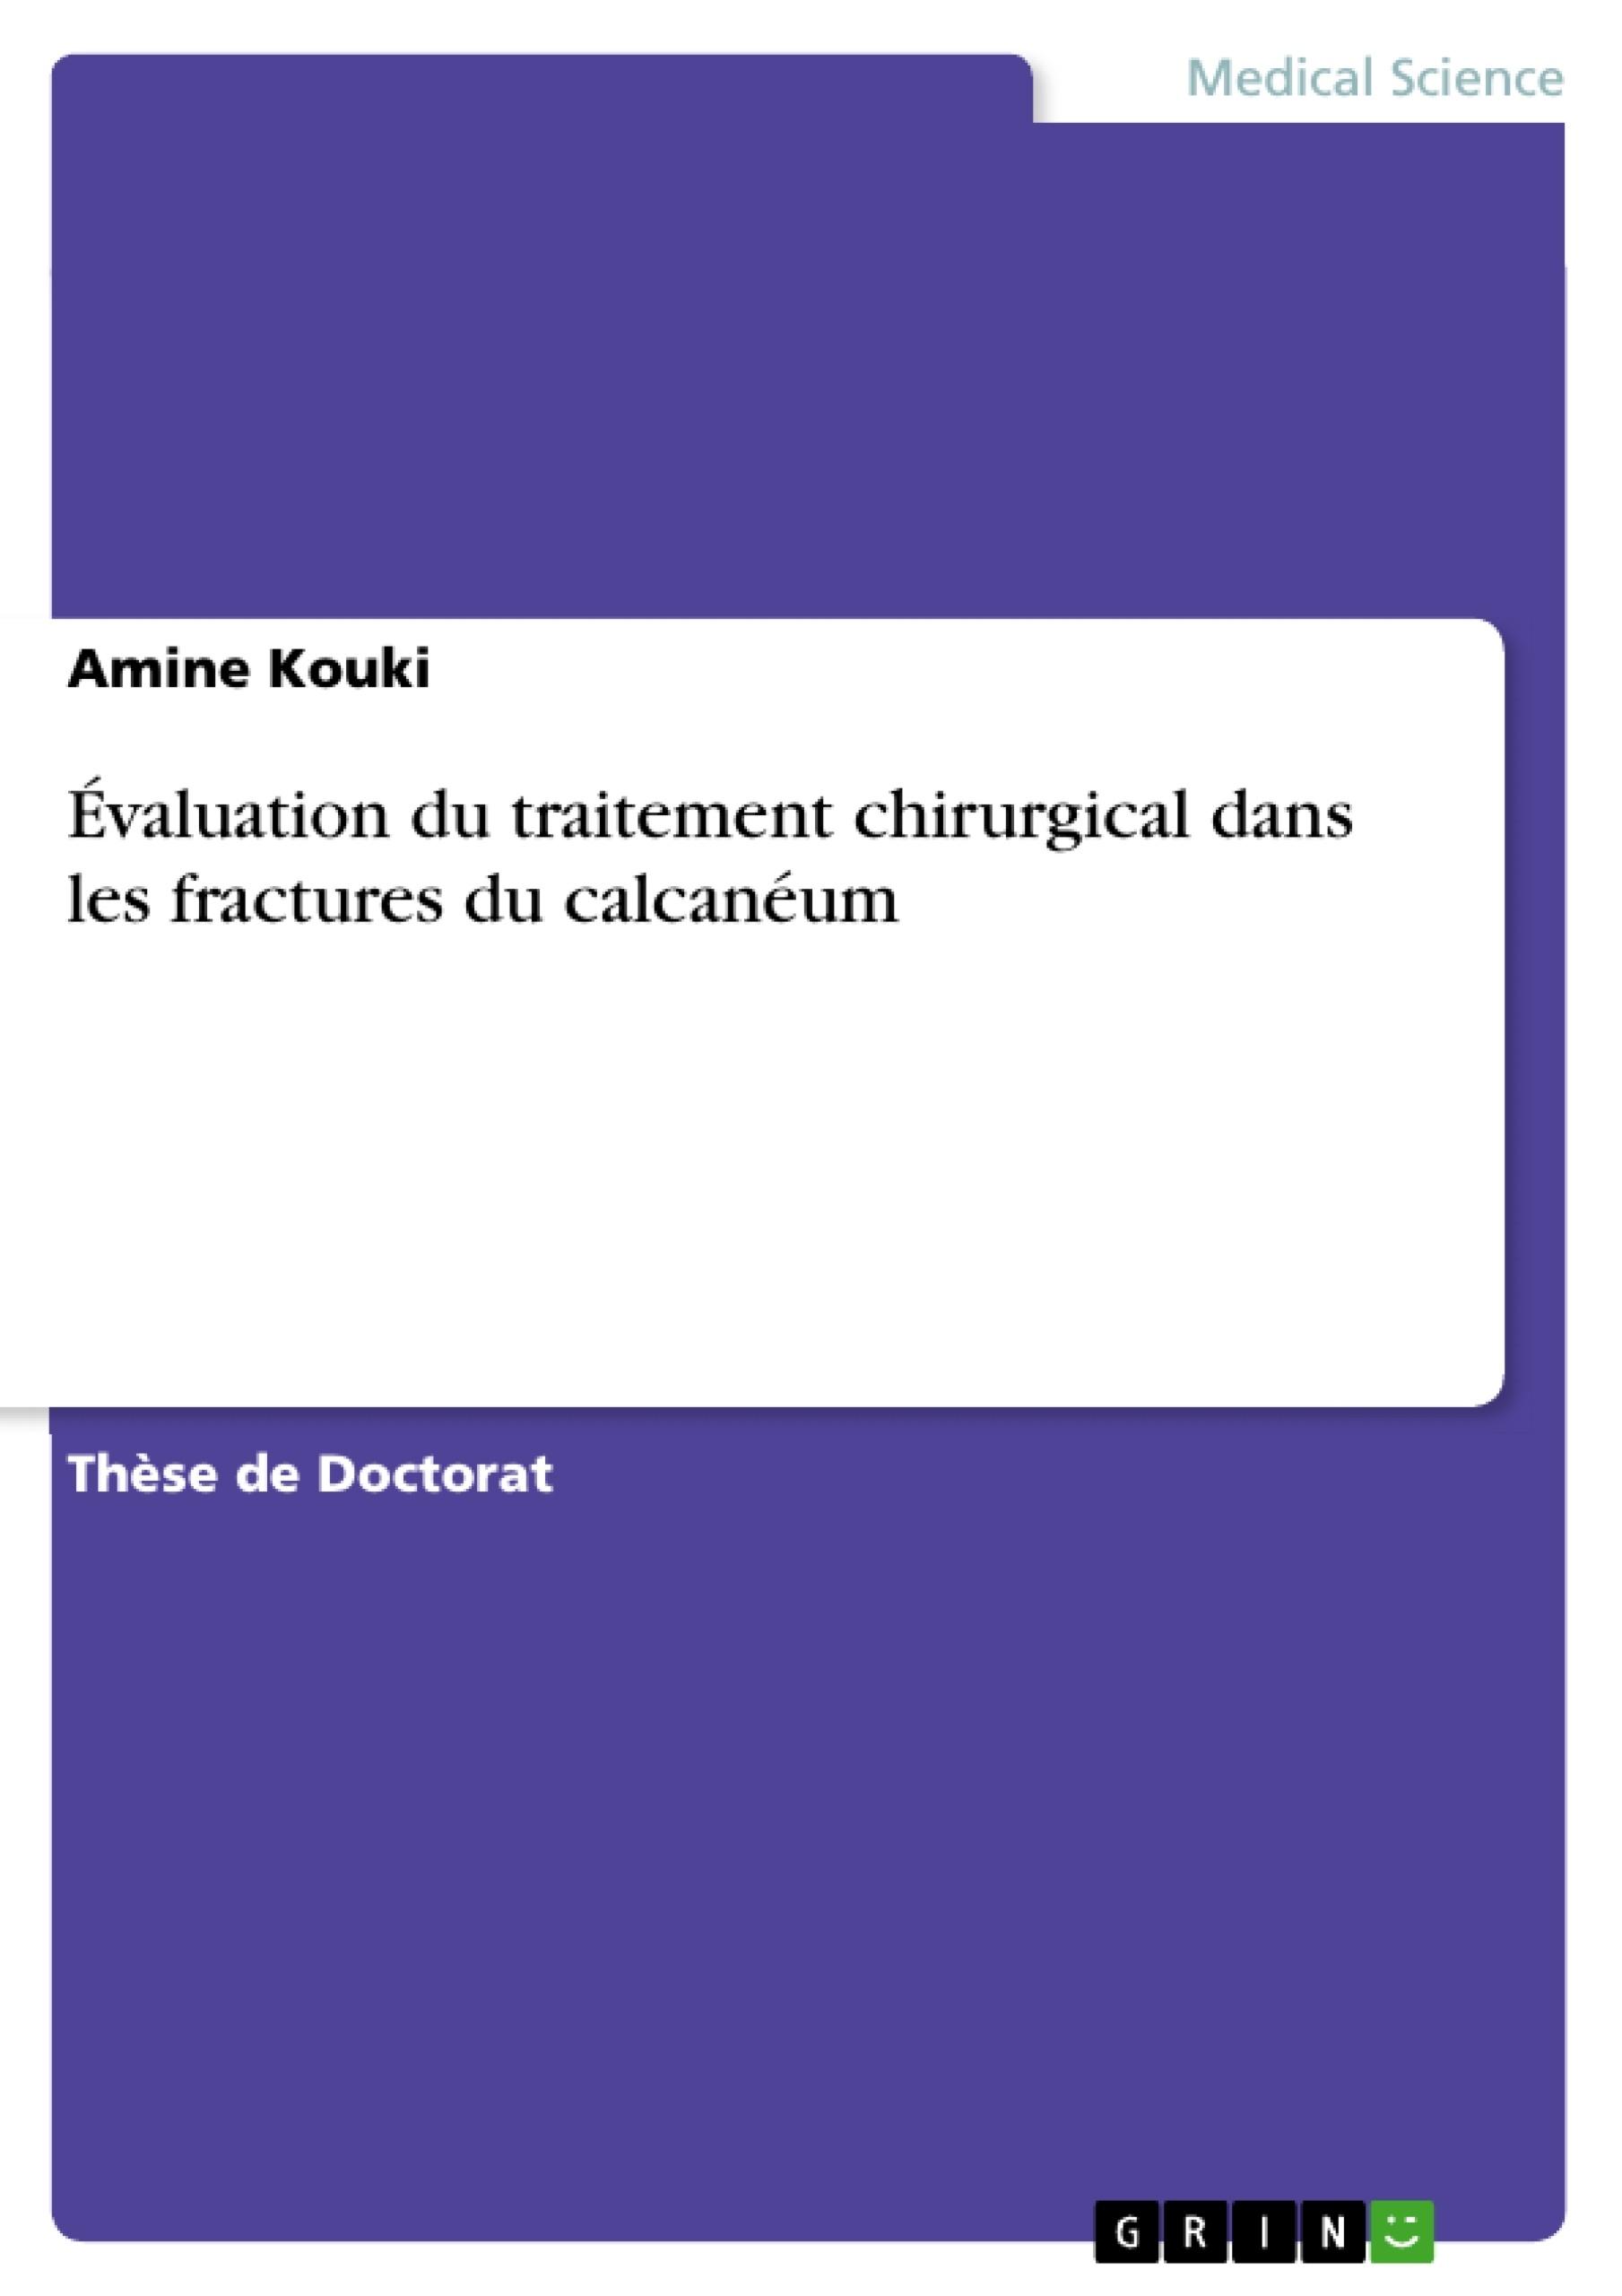 Titre: Évaluation du traitement chirurgical dans les fractures du calcanéum